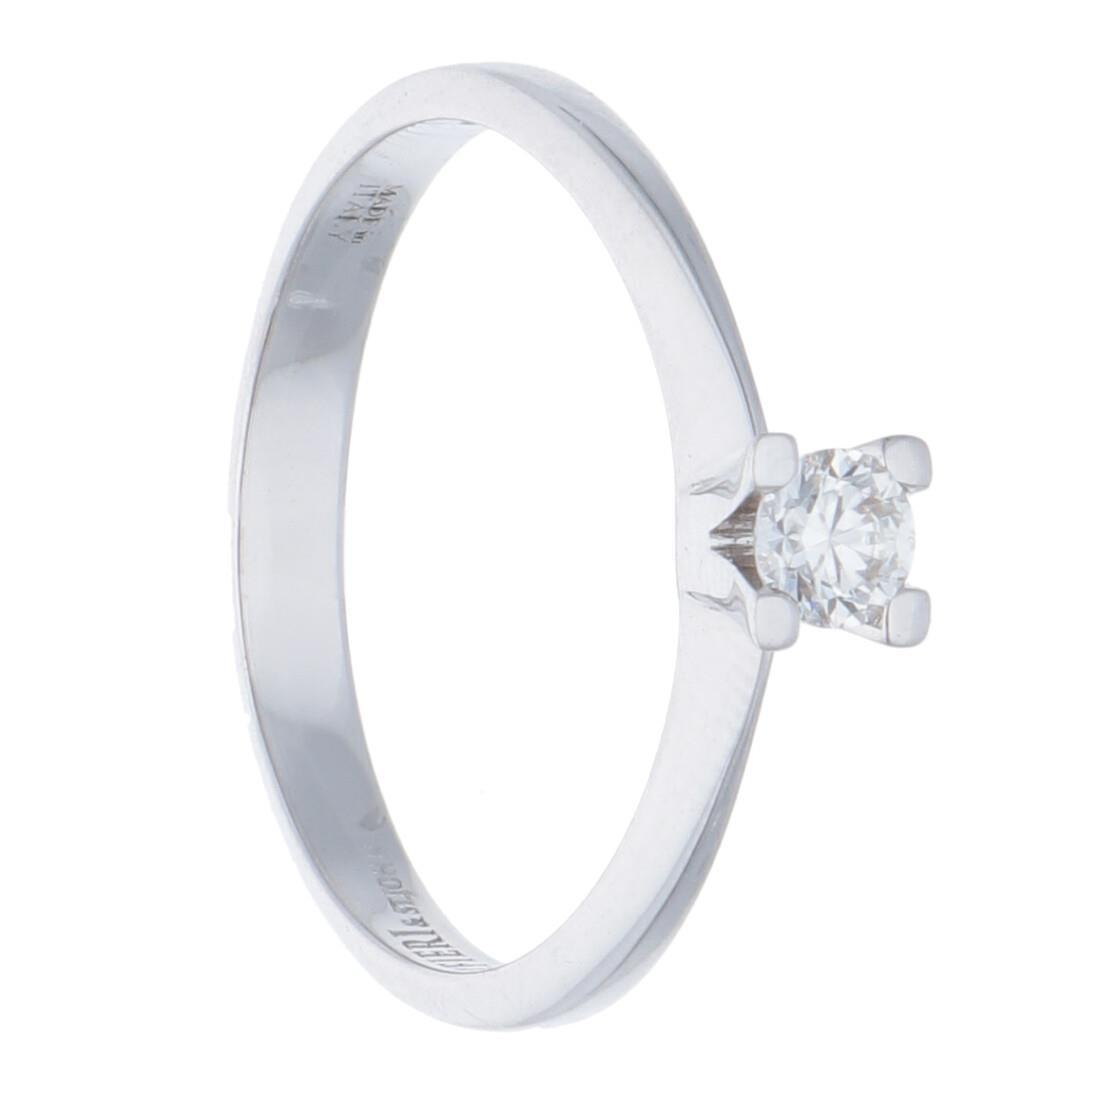 Anello solitario con diamanti ct 0,15 - ALFIERI & ST. JOHN